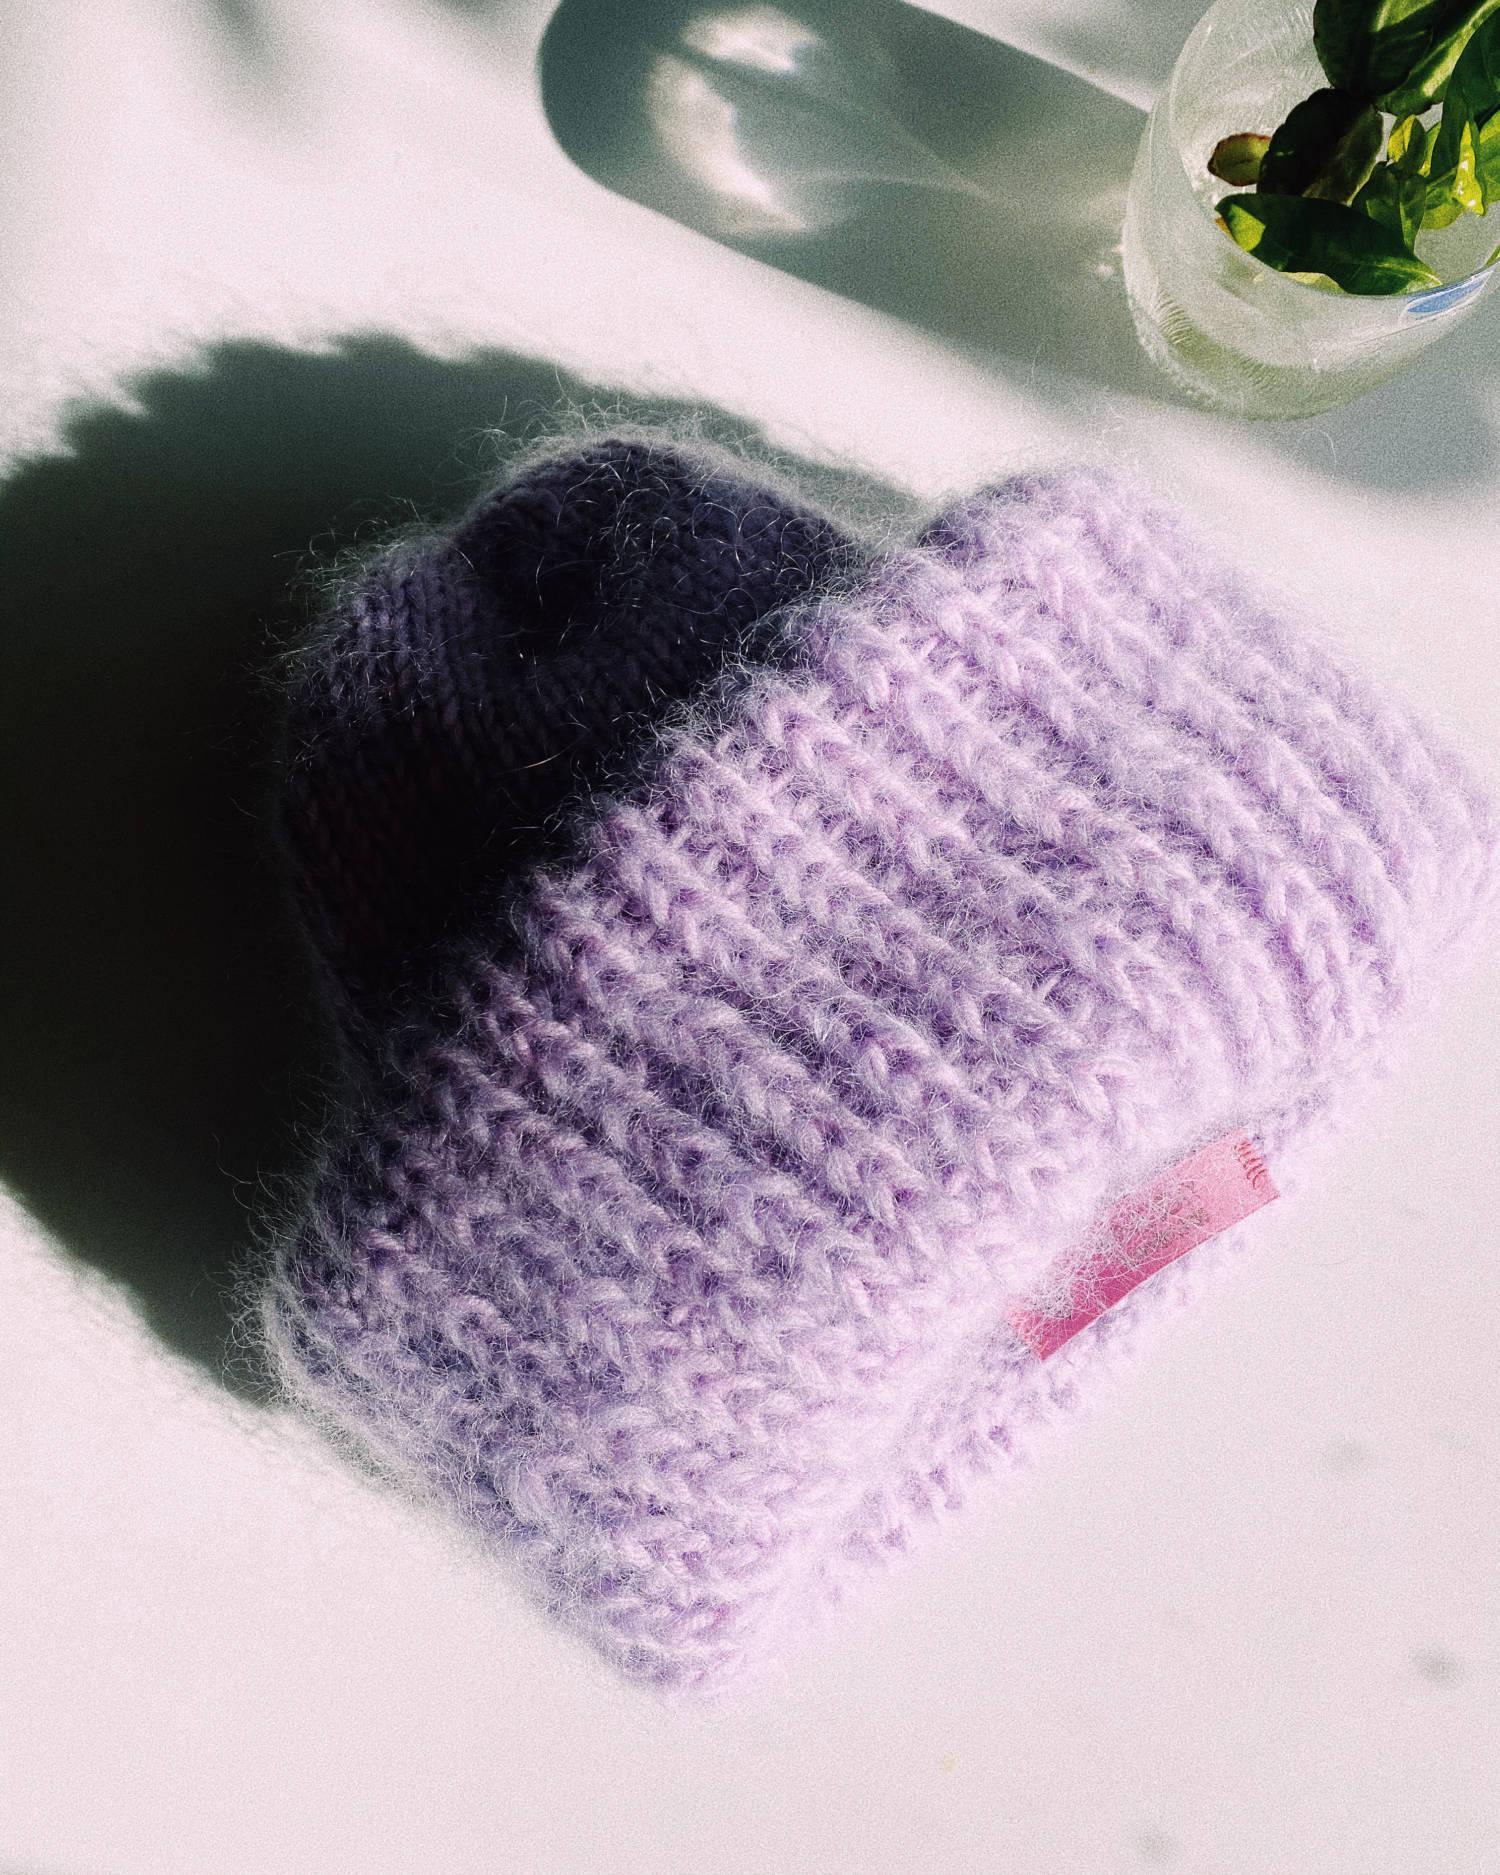 DIY: Helppo ja nopea chunky-villapaita (yksinkertainen ohje)